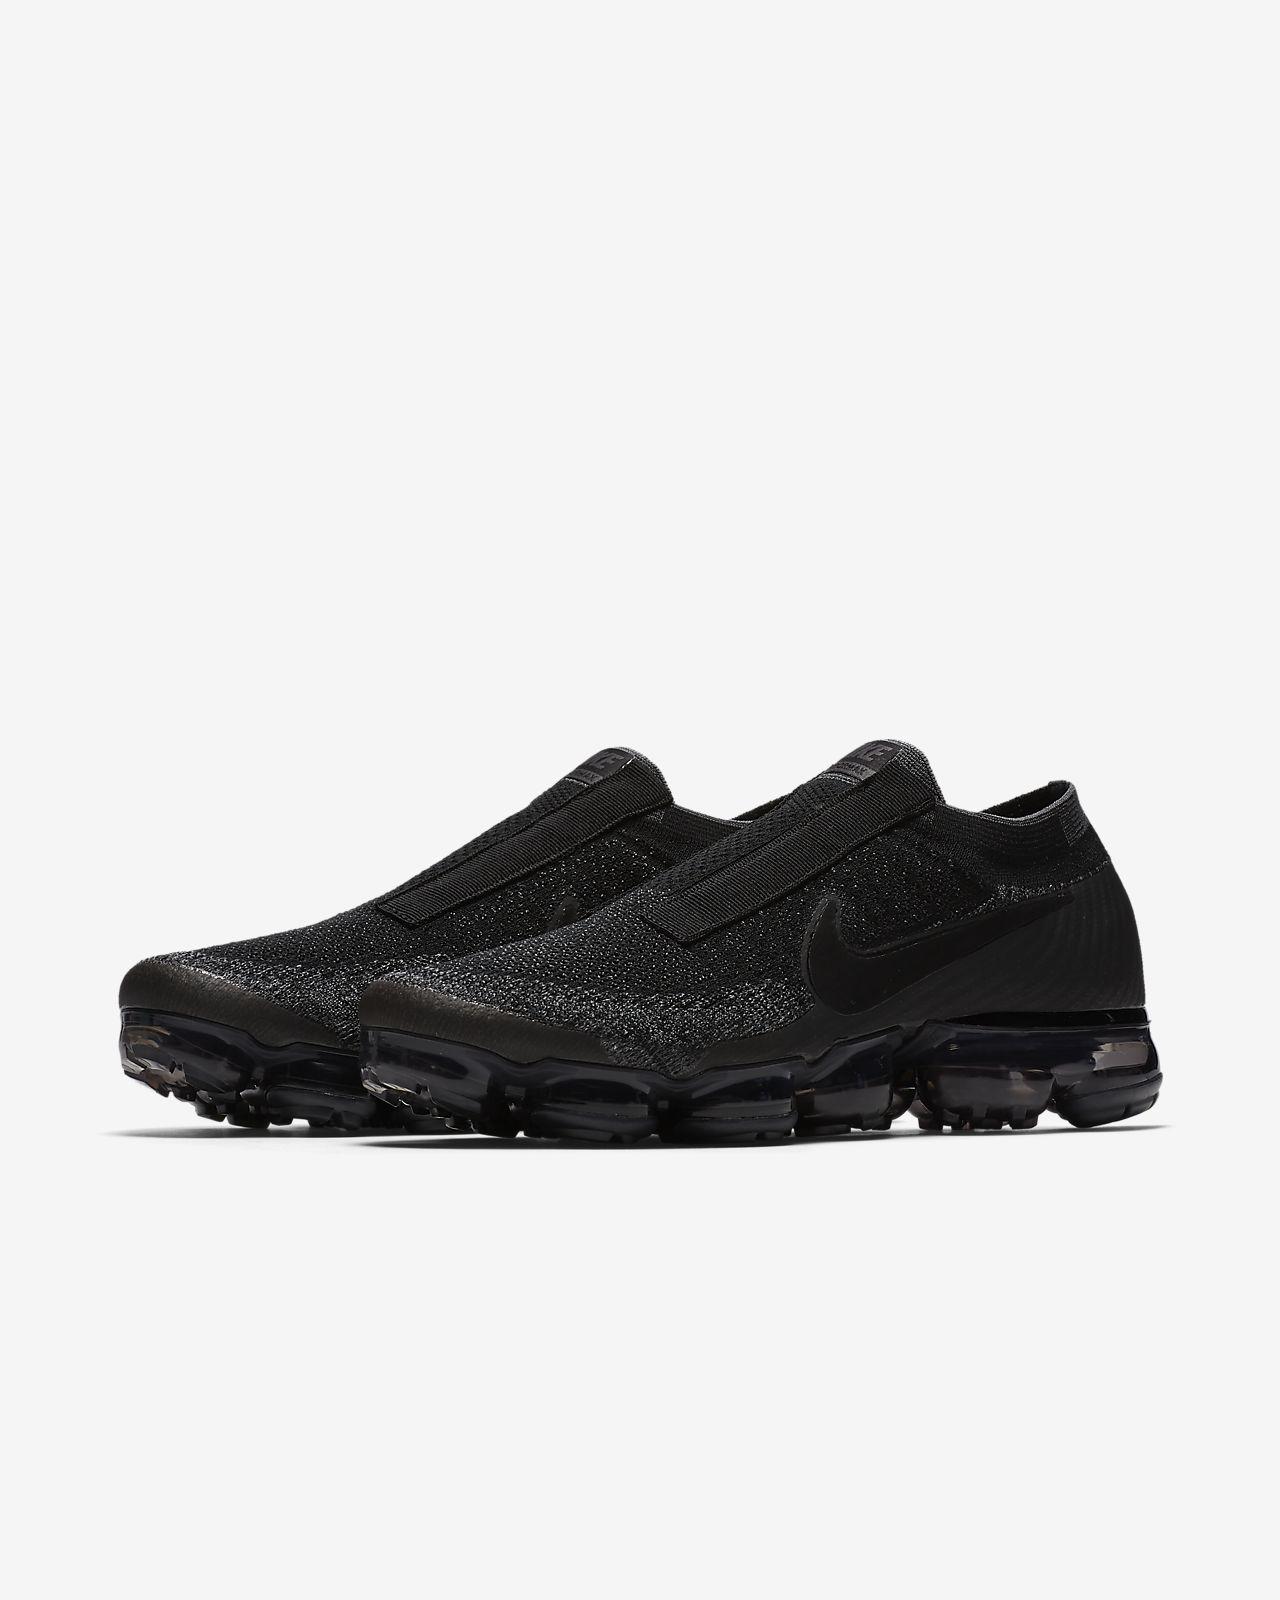 nike sneakers vapormax